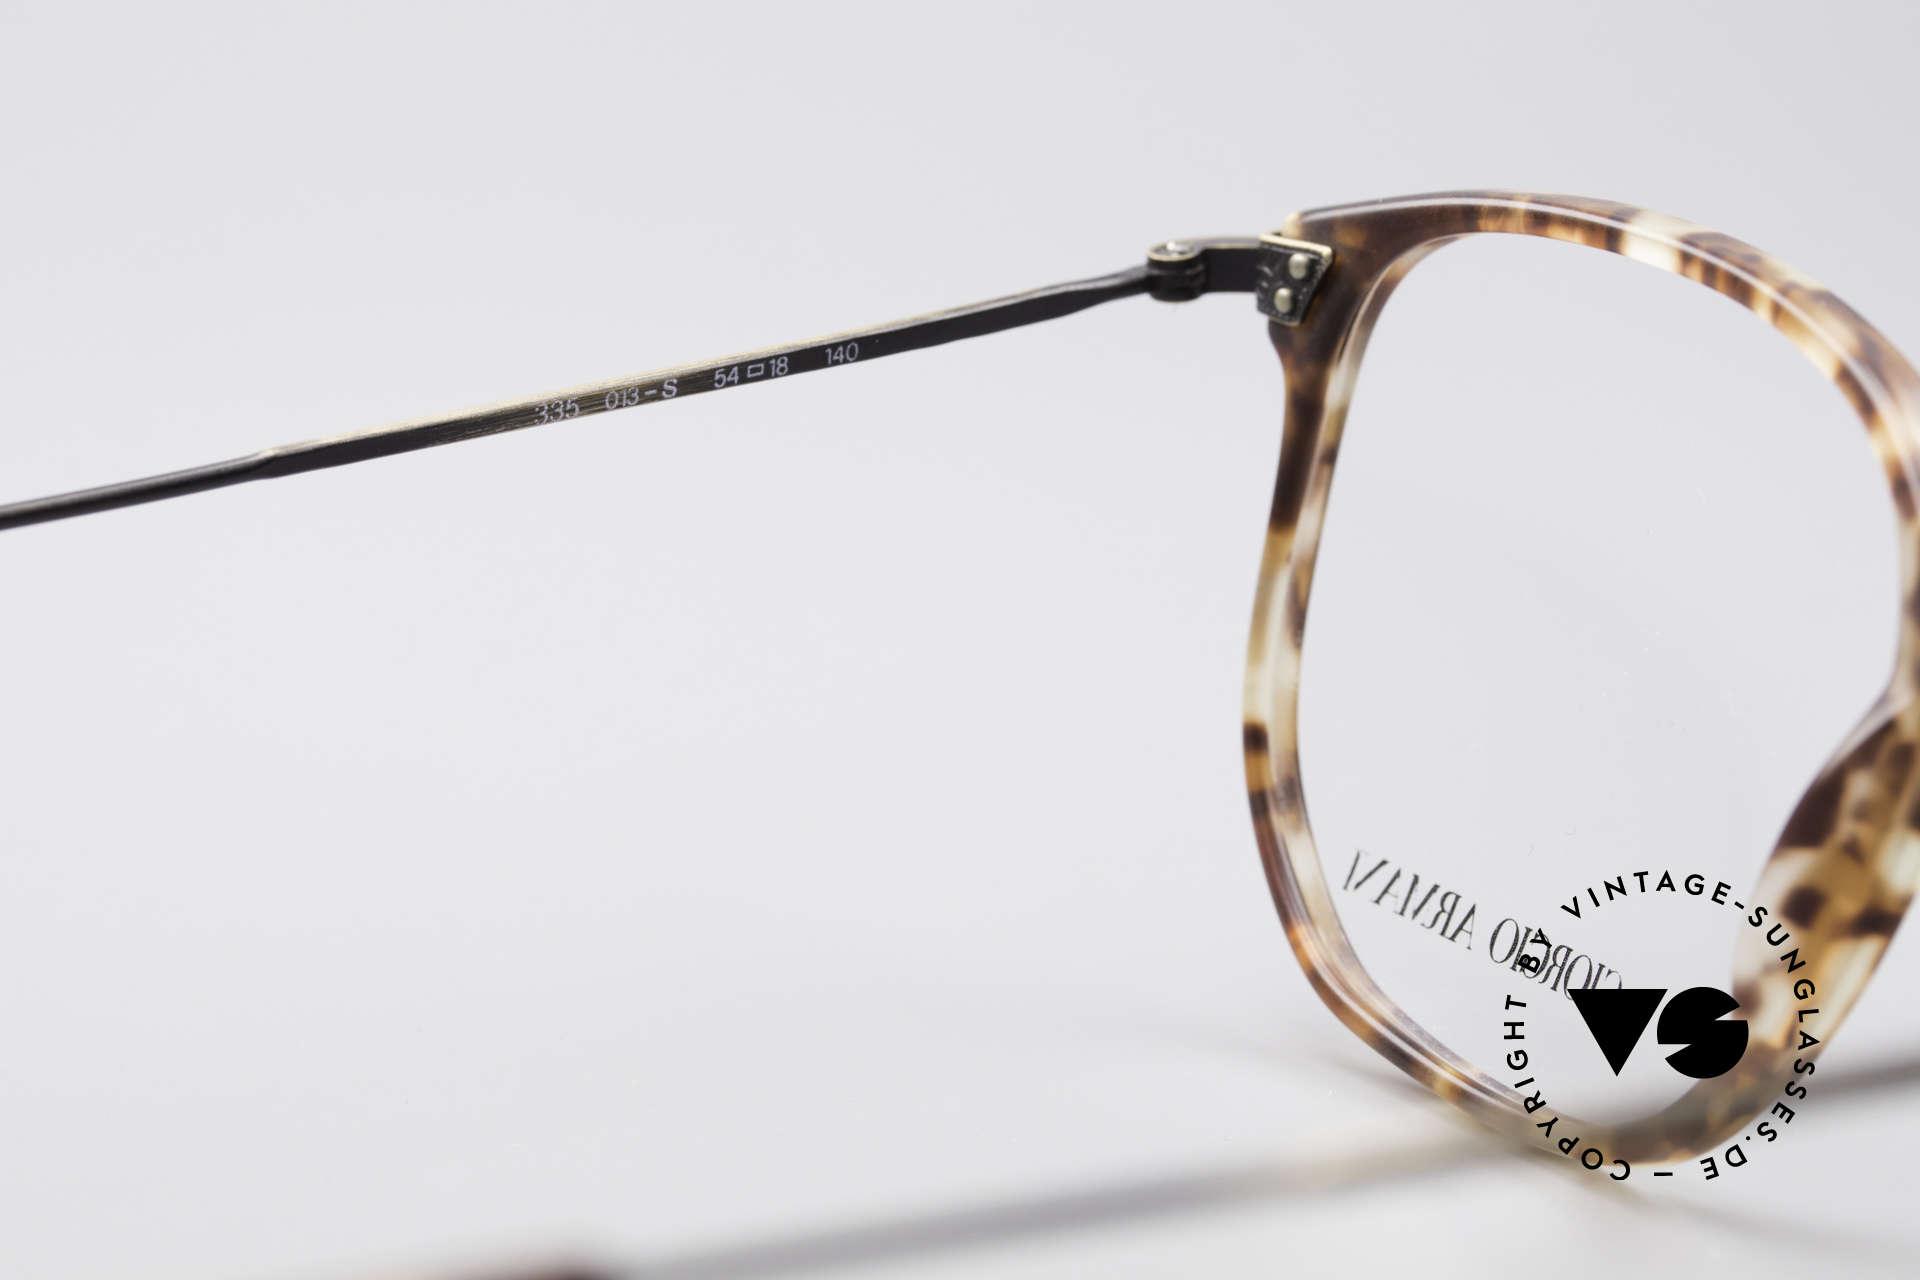 Giorgio Armani 335 Echte Vintage Unisex Brille, KEINE Retromode, sondern ein altes 80er ORIGINAL!, Passend für Herren und Damen